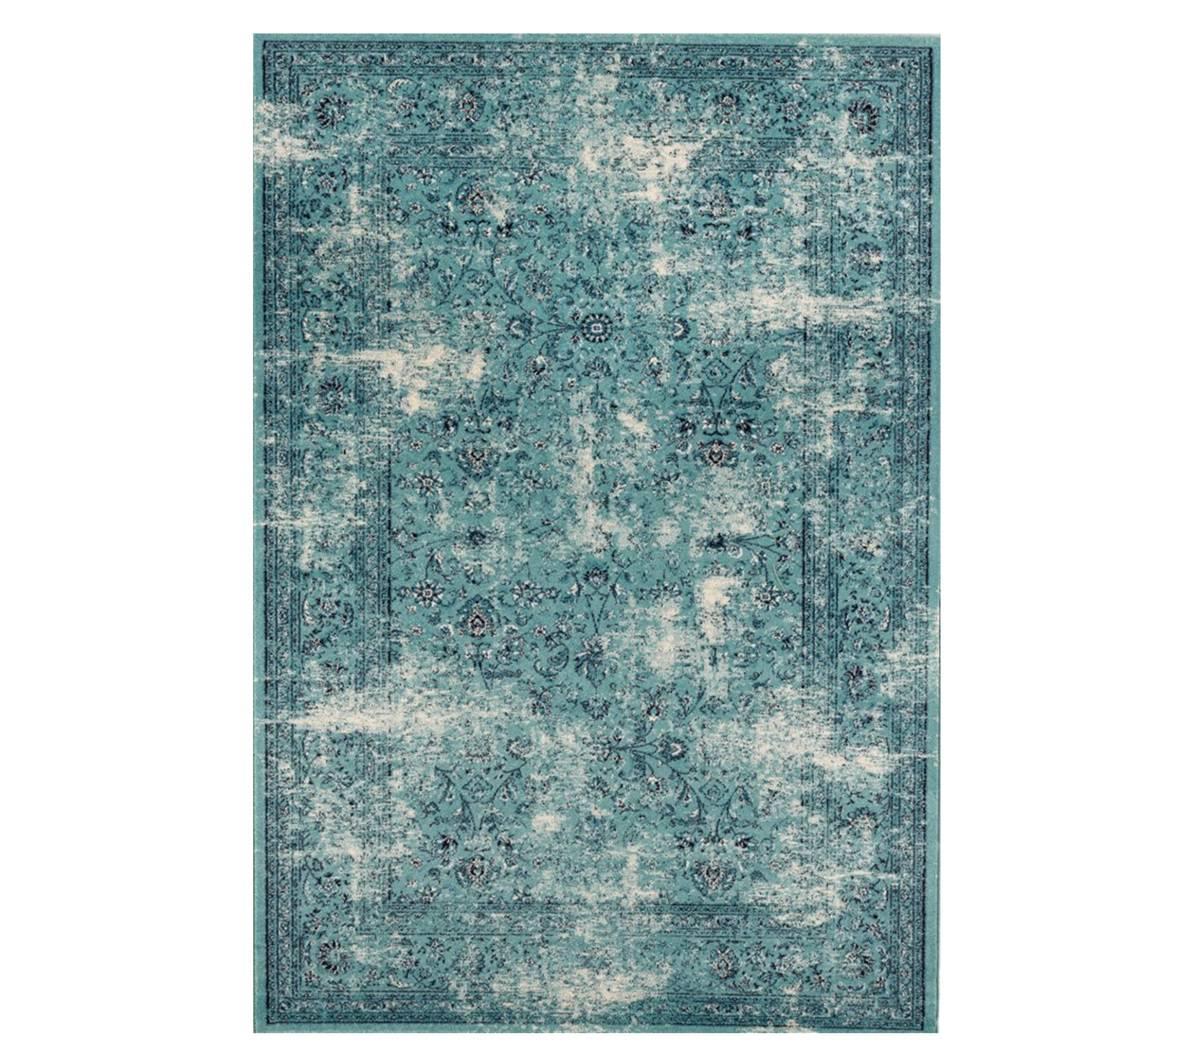 infinity 32031 8266 alfombras vintage - Alfombras Vintage